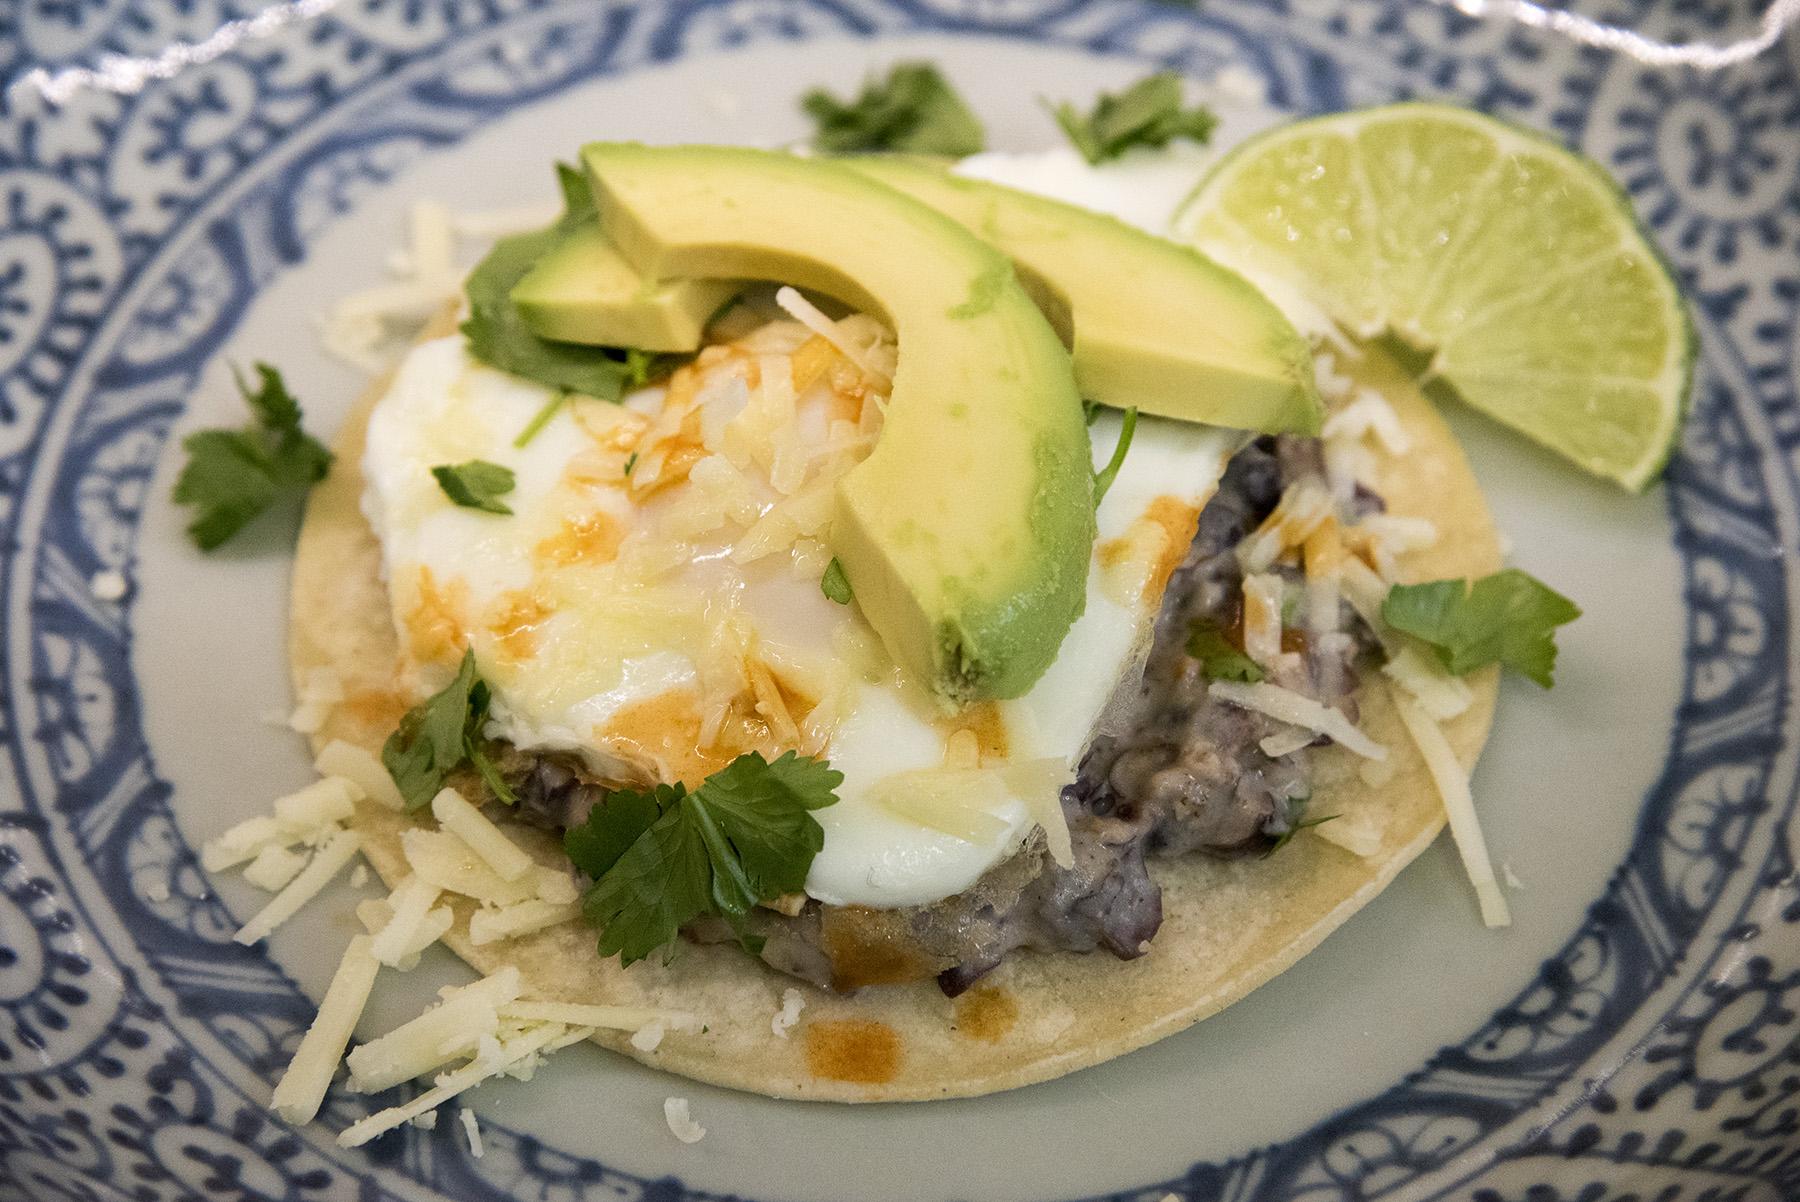 Ranchero Breakfast Tostadas